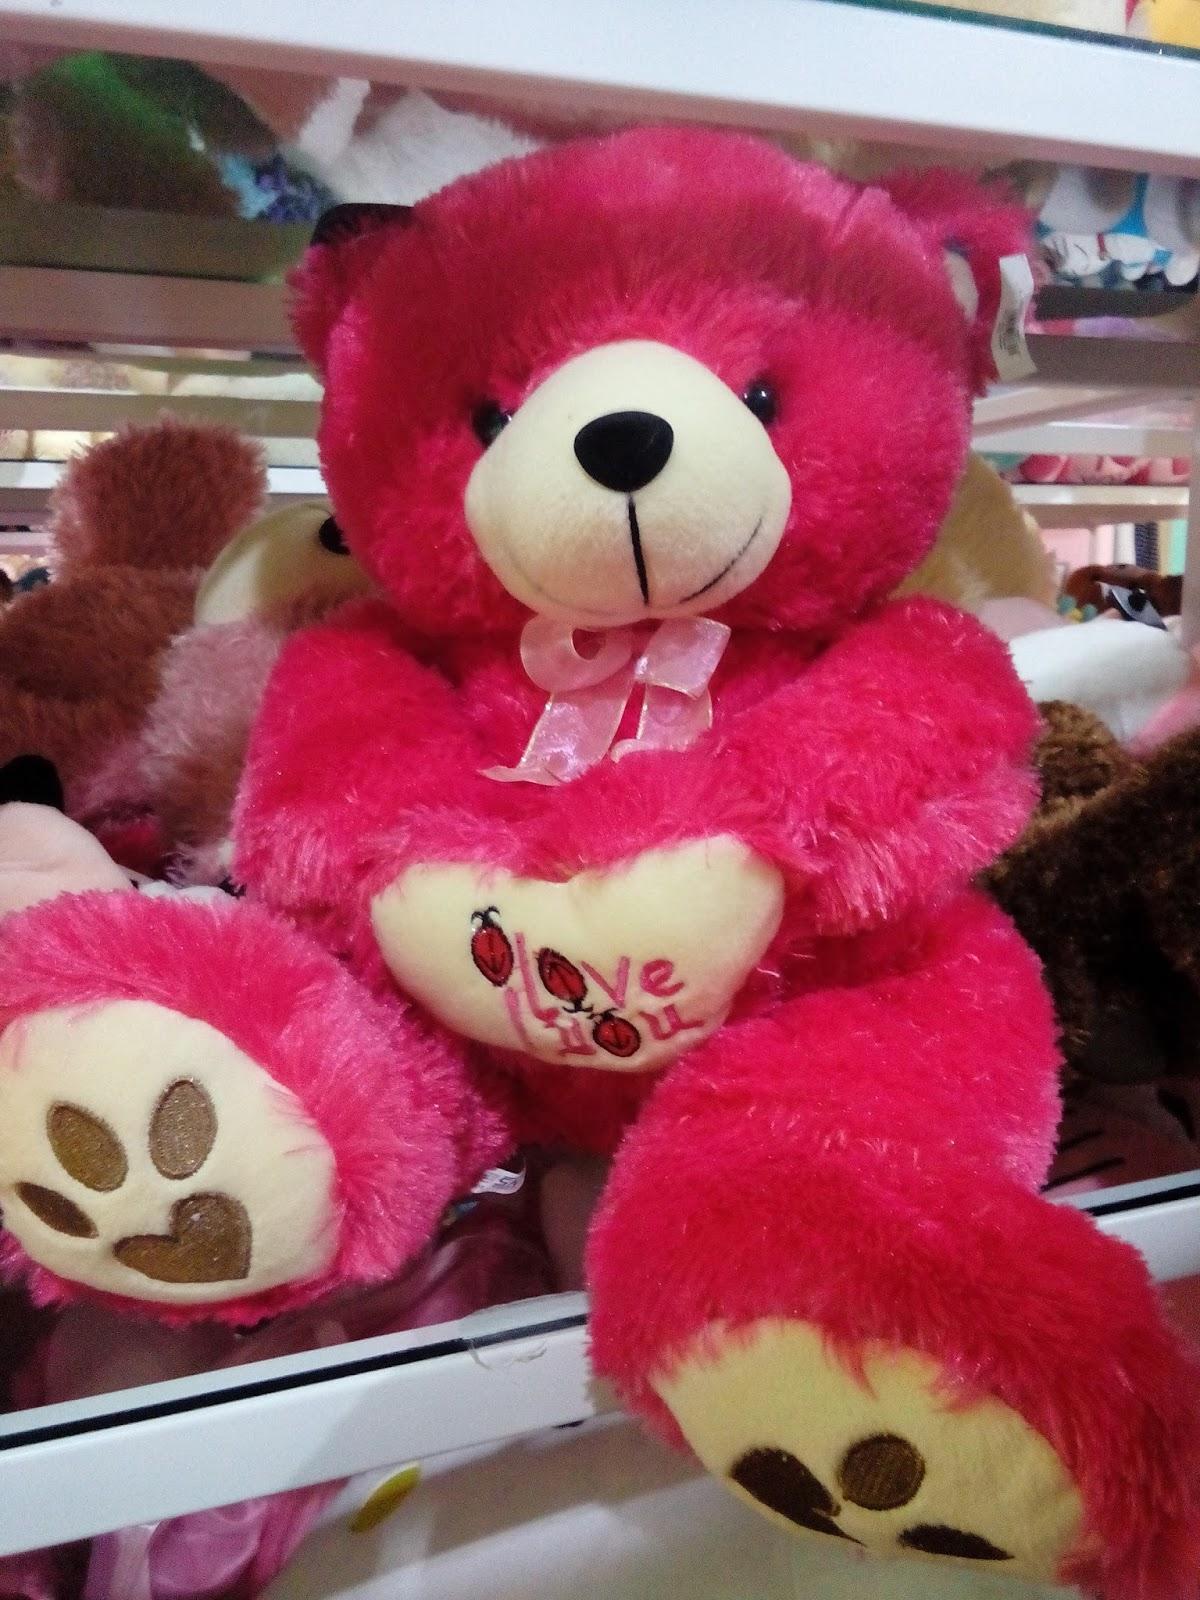 boneka teddy bear warna pink Jolie Jogja Wirobrajan